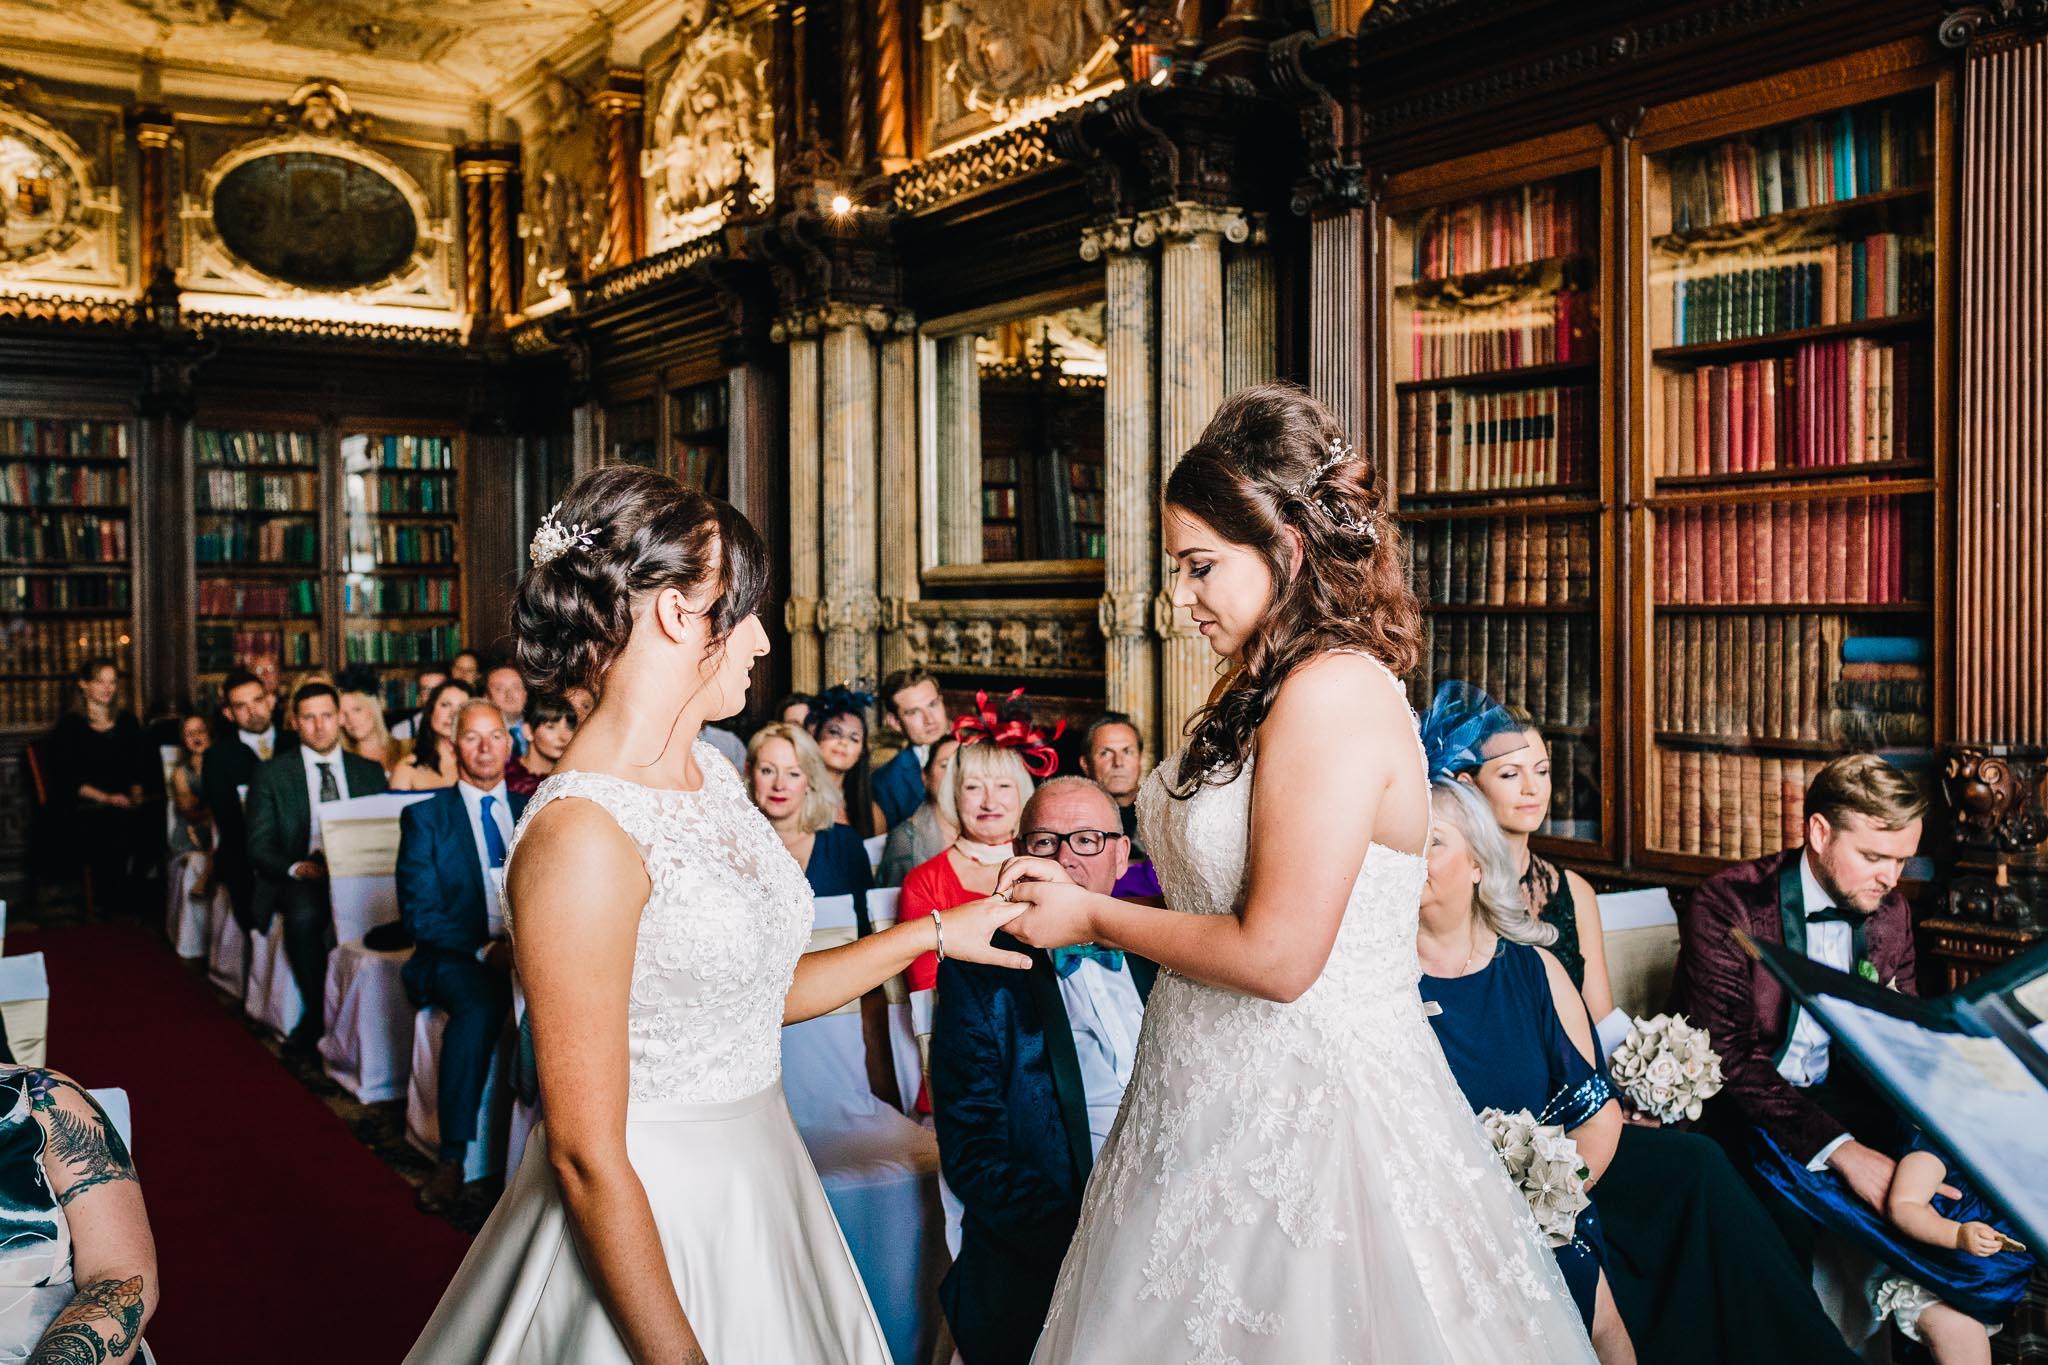 BRIDES EXCHANGING RINGS GAY WEDDING